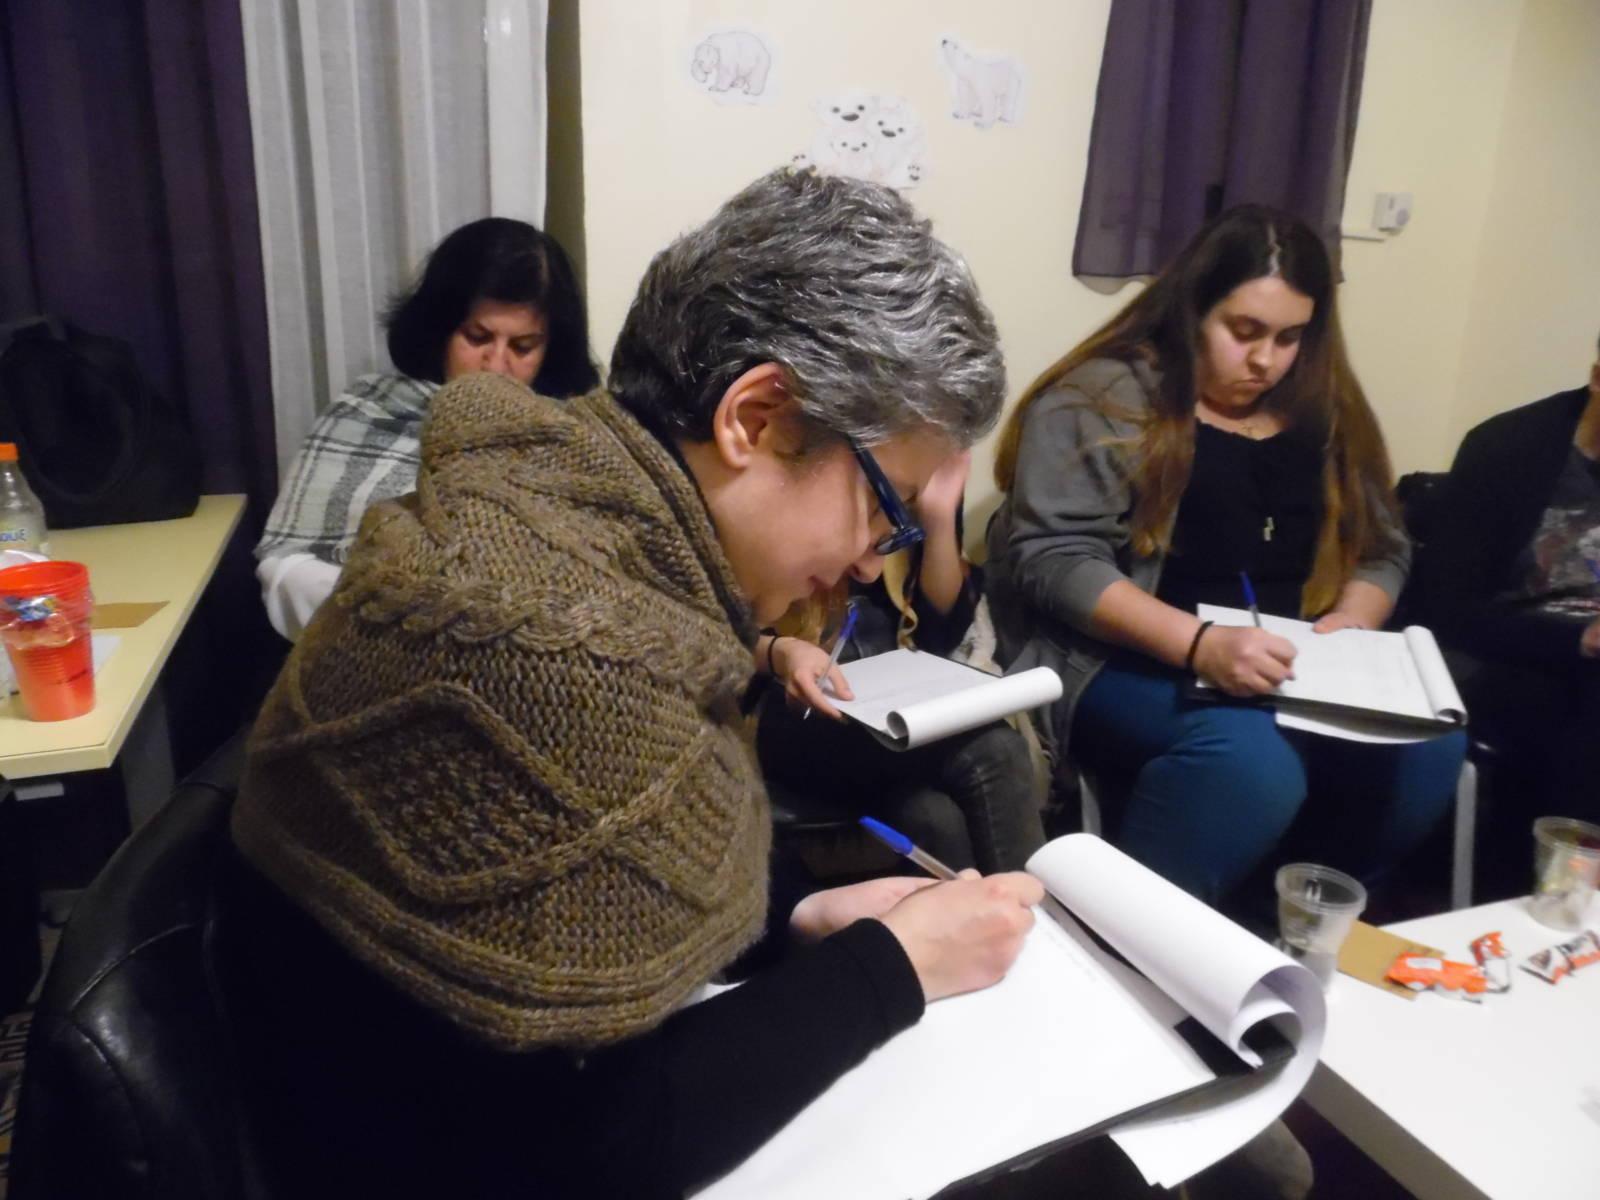 Ελένη Γκόρα-Κάτι έχει να σου πει η Κατίνα της αυλής 3